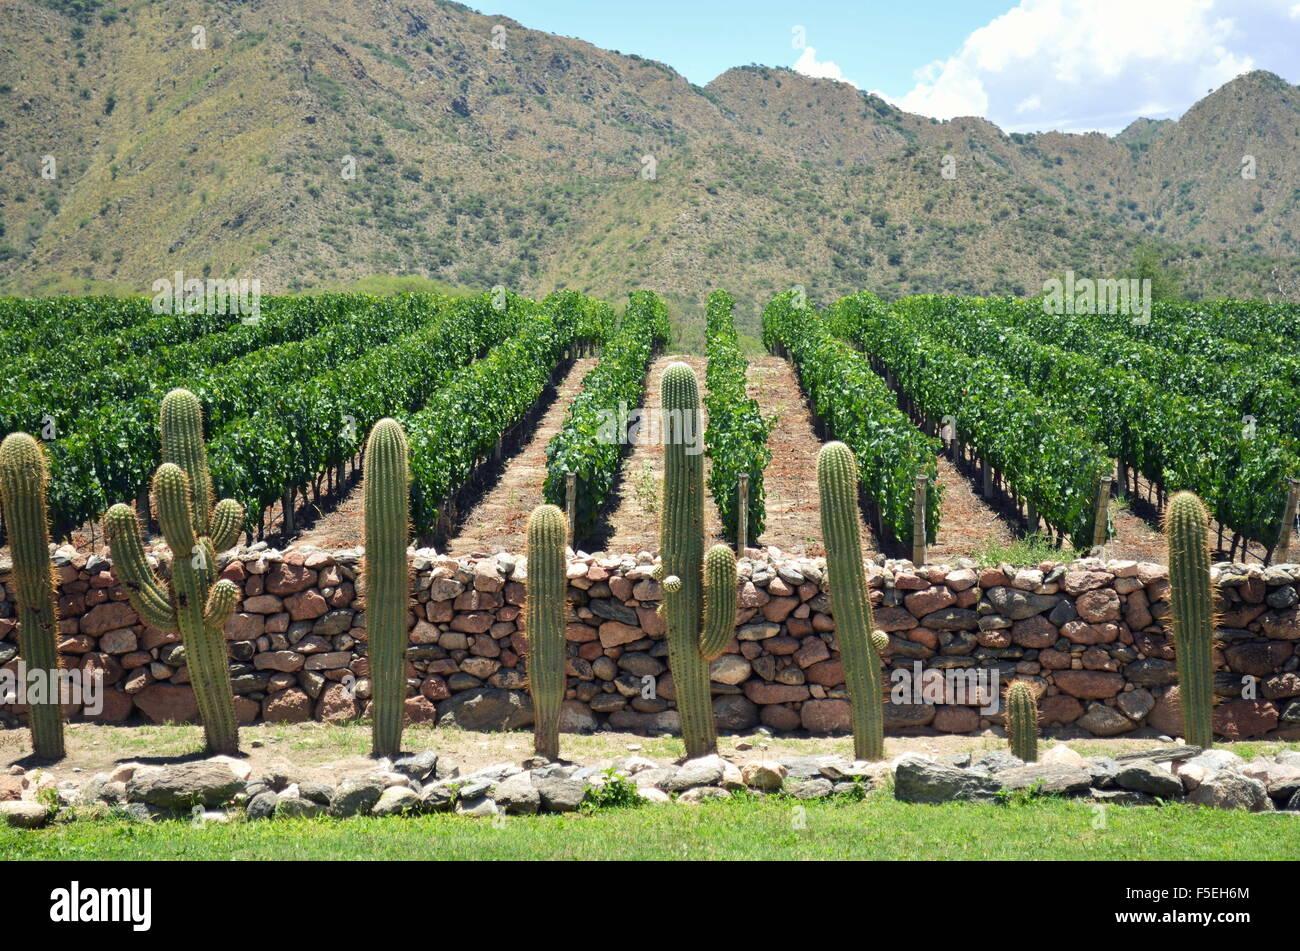 Vineyard, Cafayate, Salta, Argentina - Stock Image